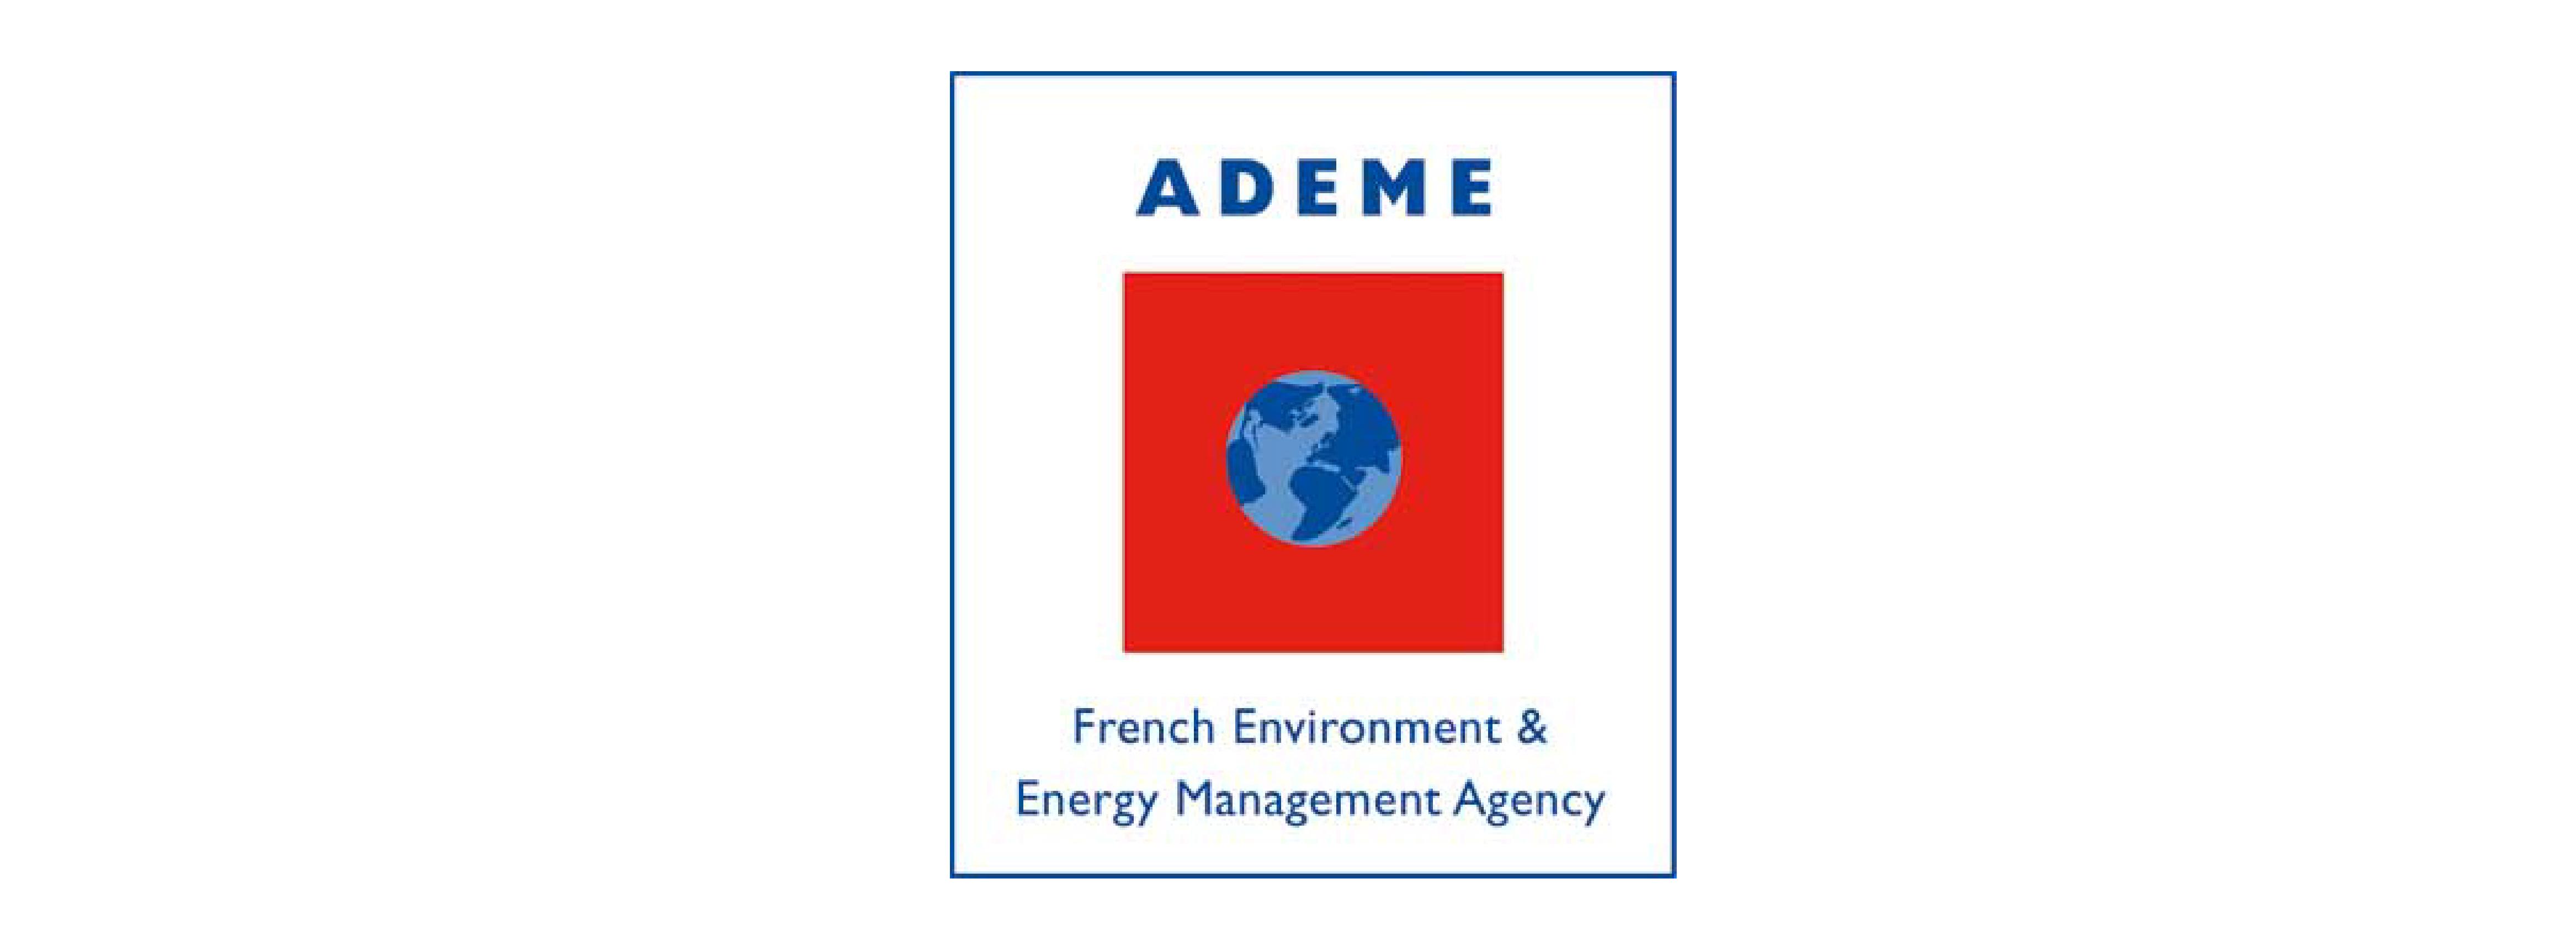 ADEME-01